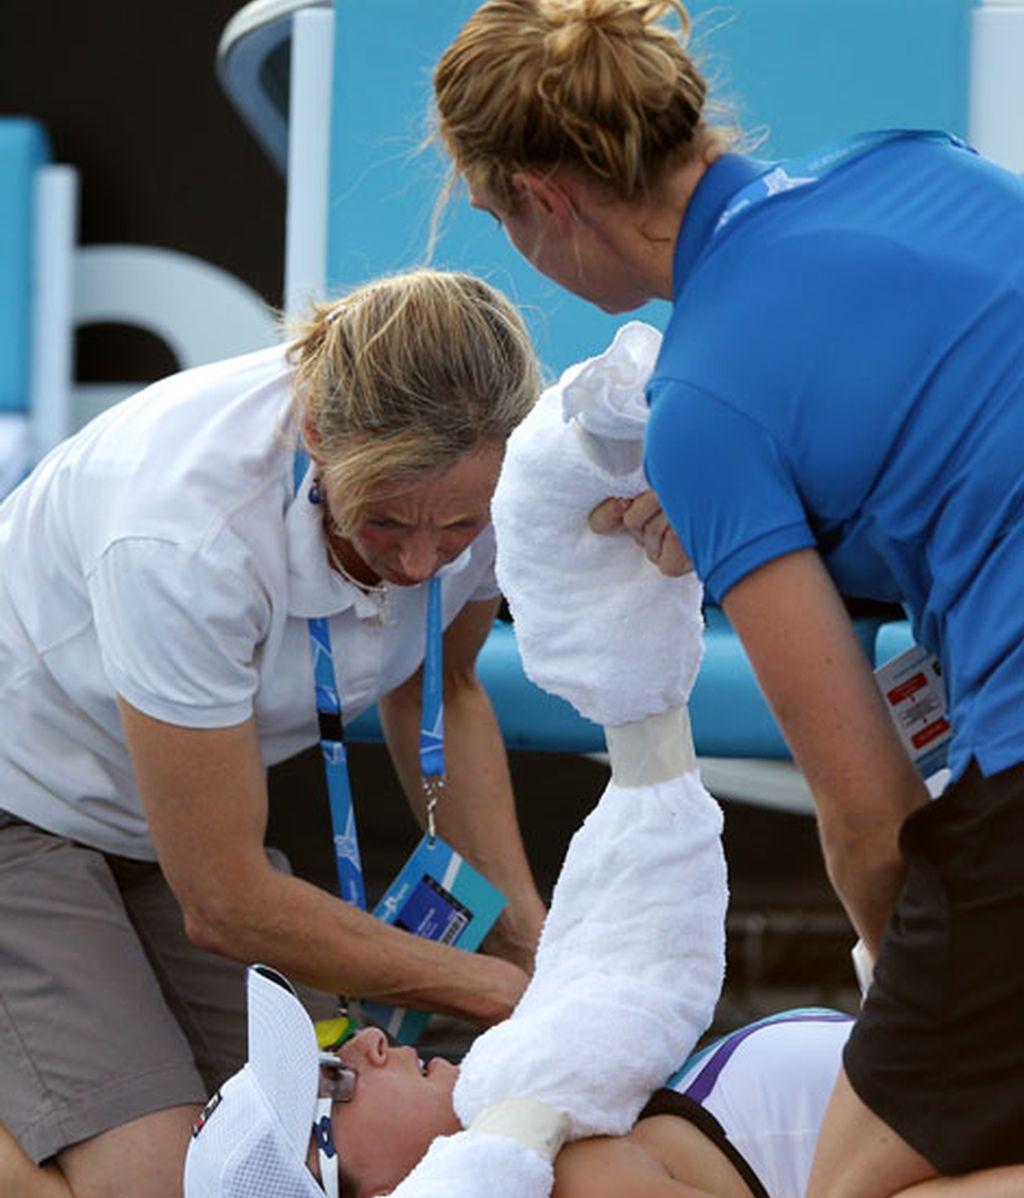 El calor hace desfallecer a los tenistas en el Open de Australia